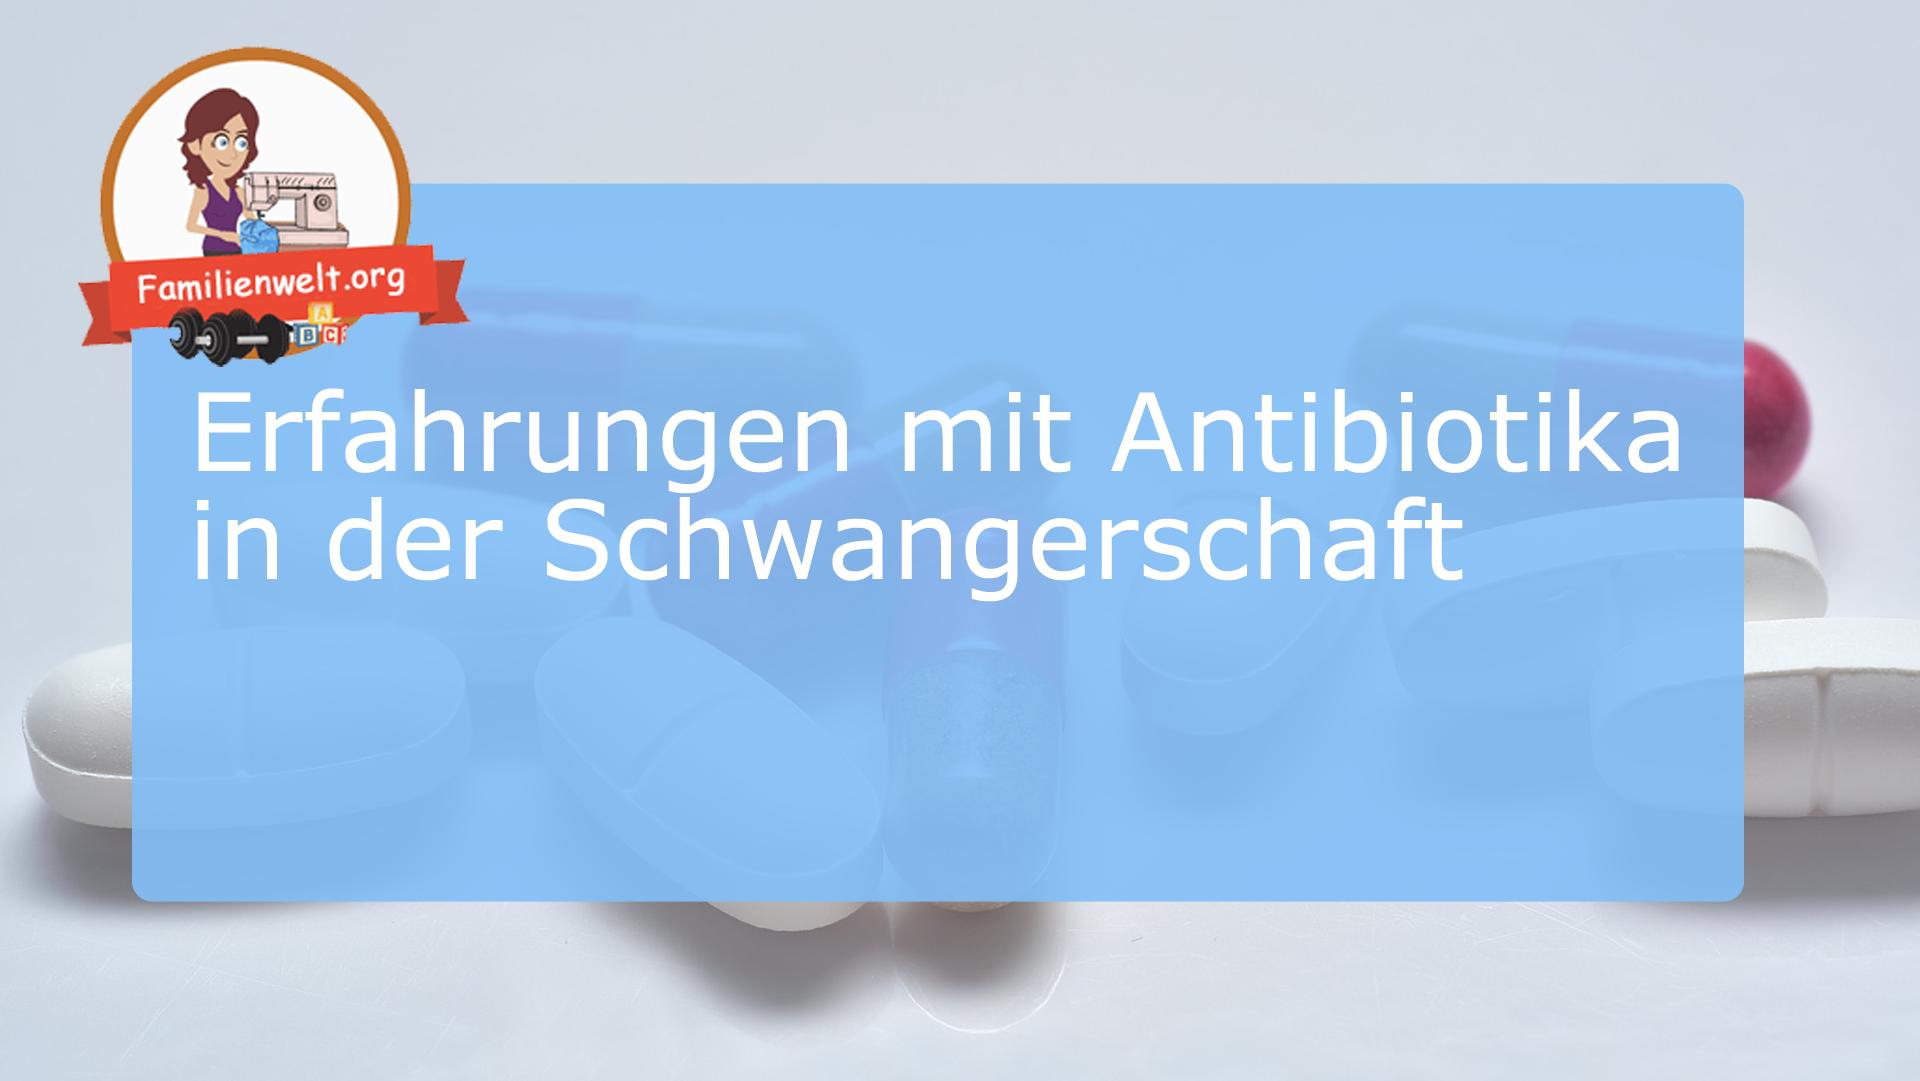 schwanger antibiotika erfahrungen